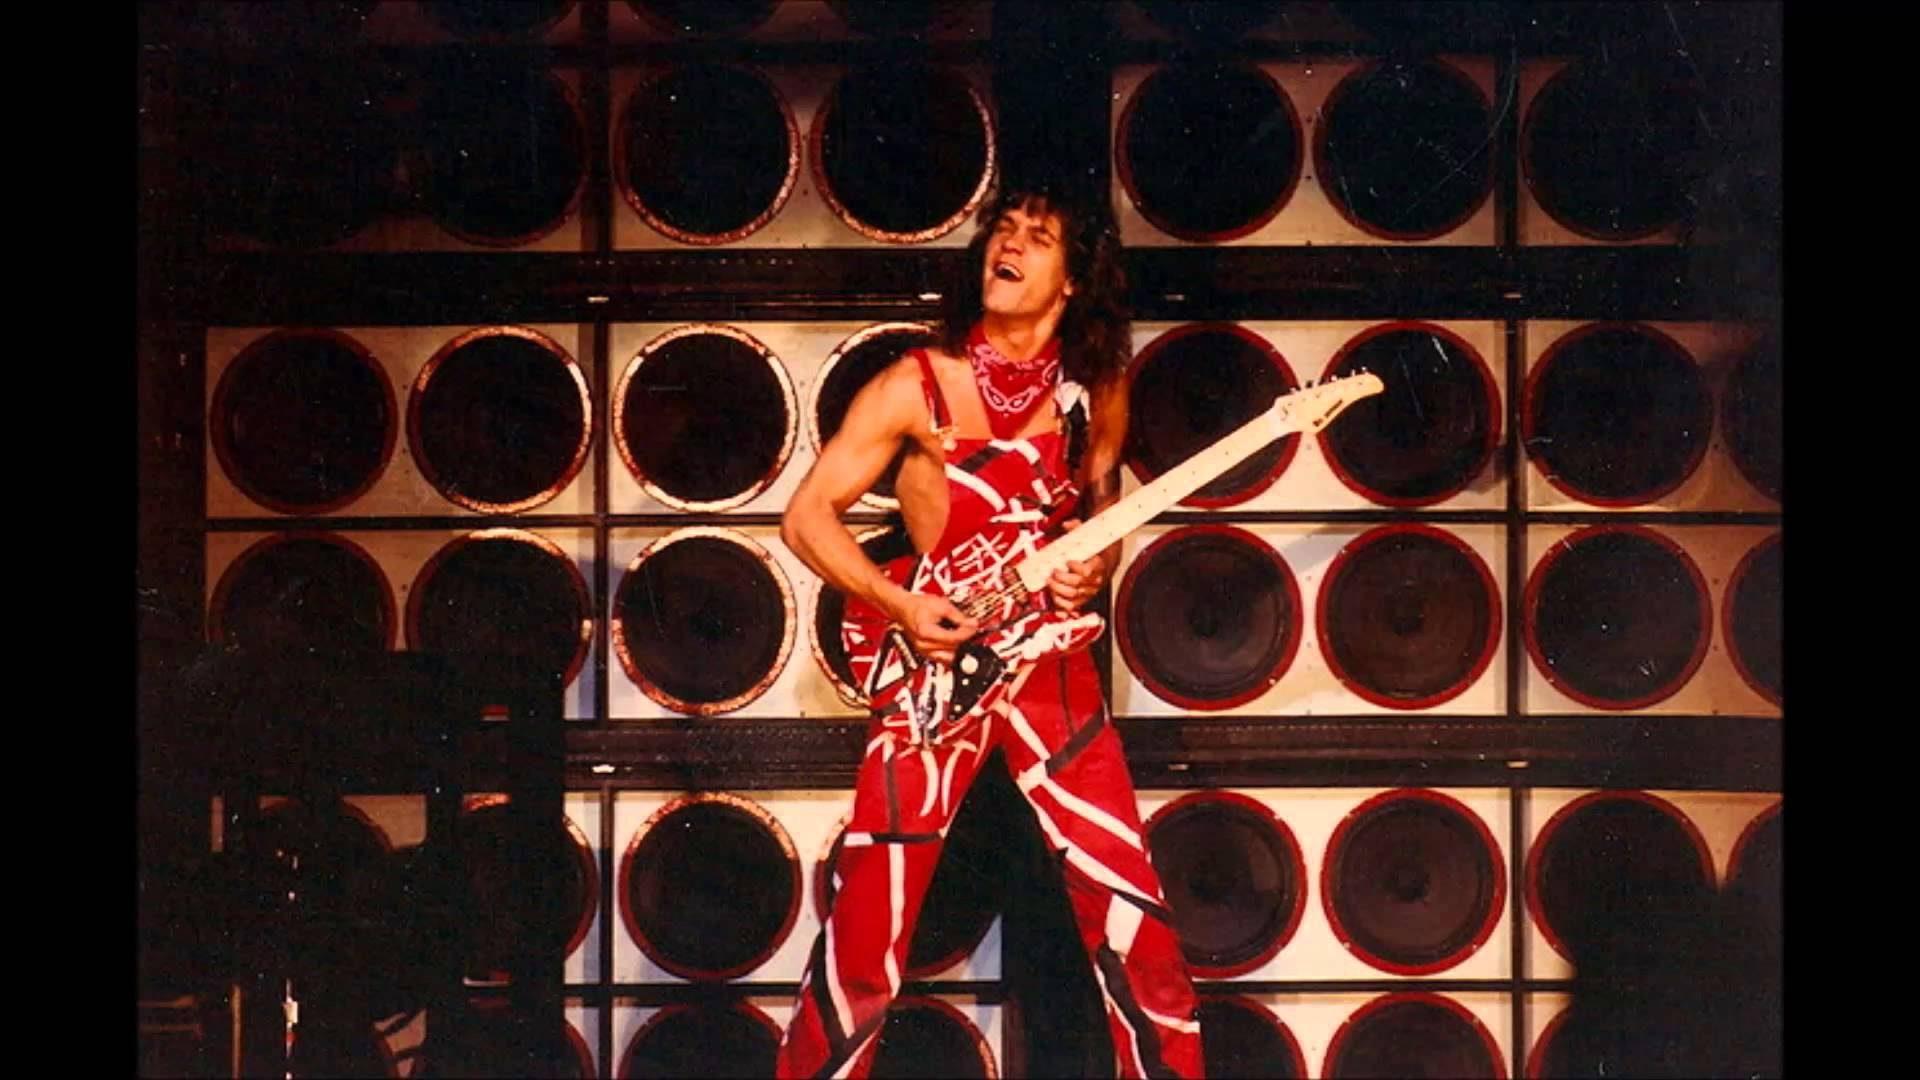 Van Halen Unchained Live 1981 Vh Concert Video 80 S David Lee Roth